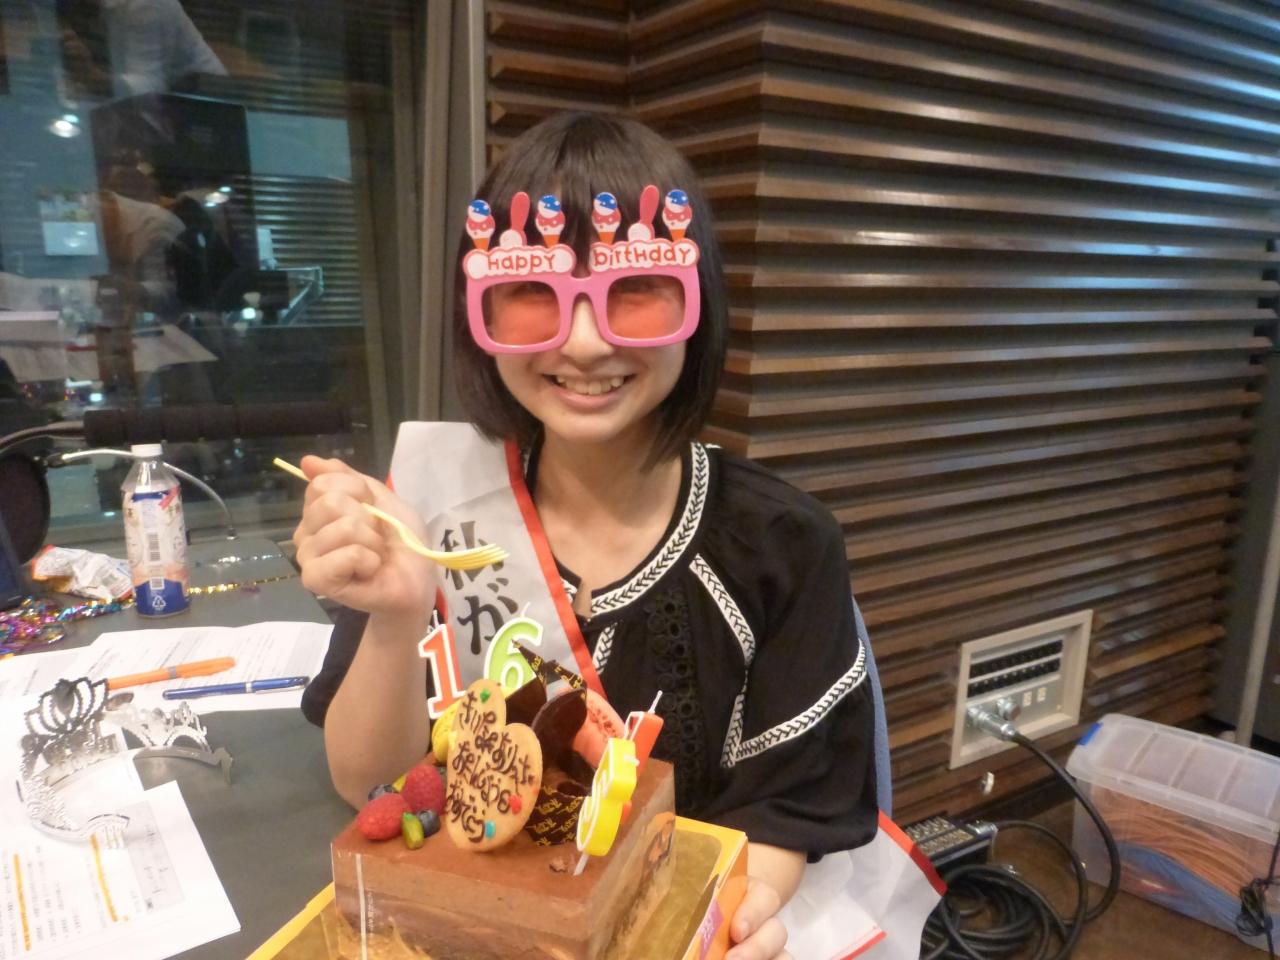 最後はラジオ収録時、誕生日をお祝いしてもらった浮かれきいなでお別れです。(きいな)